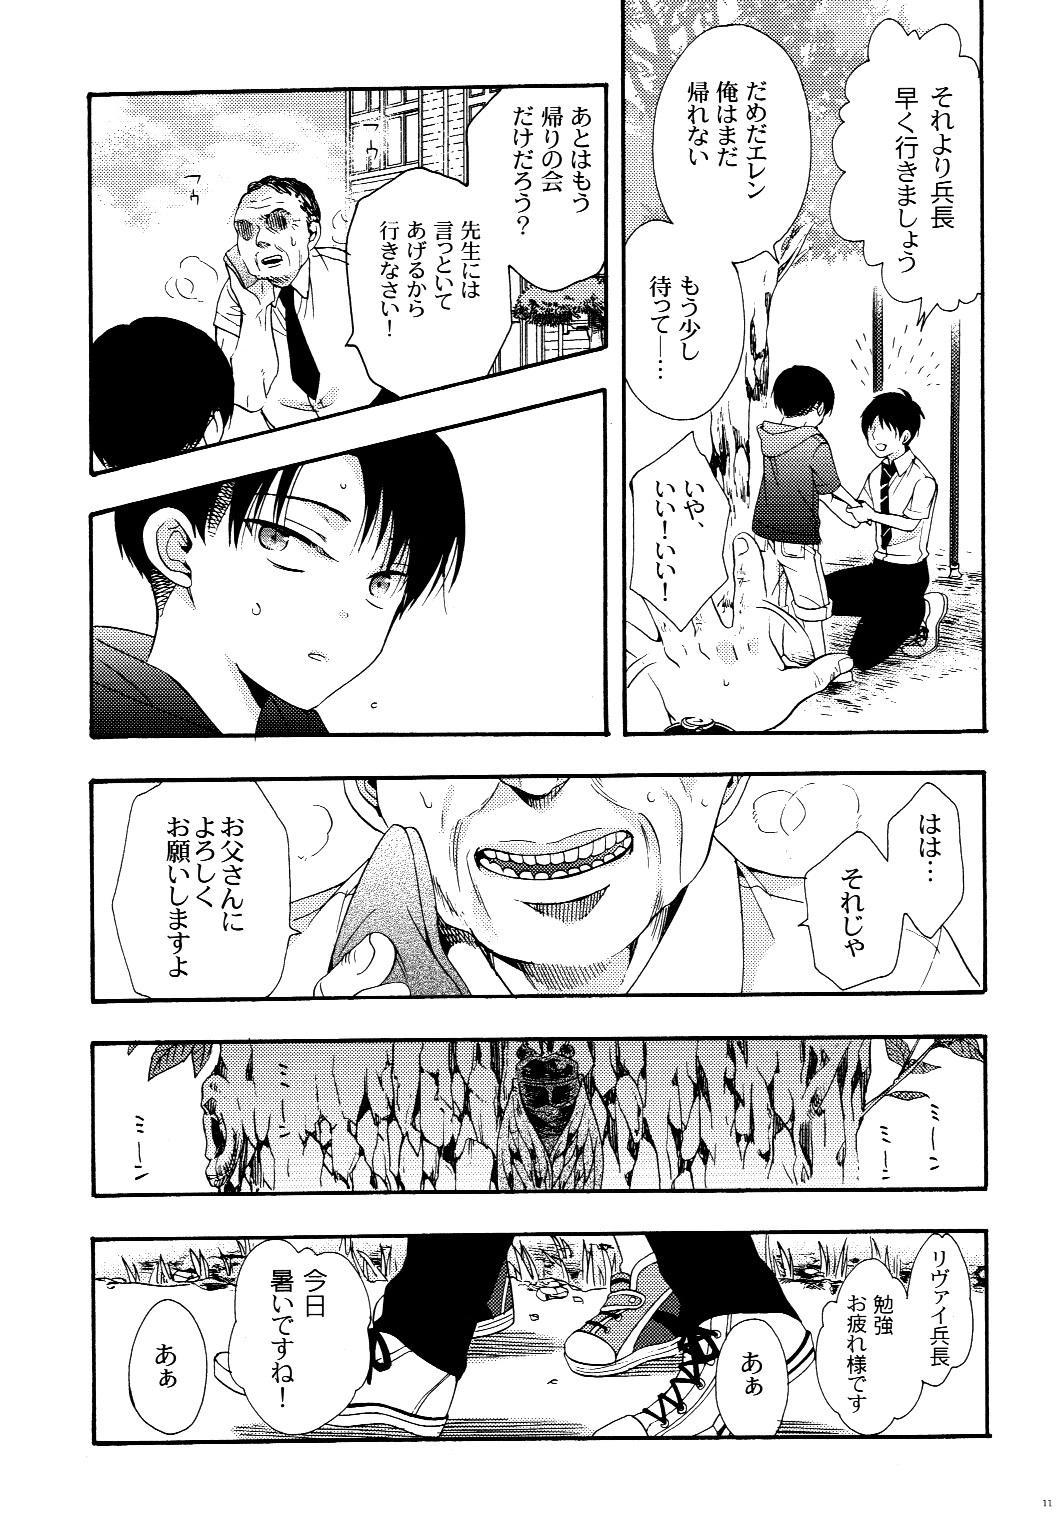 Himawari no Saku Fuyu 10